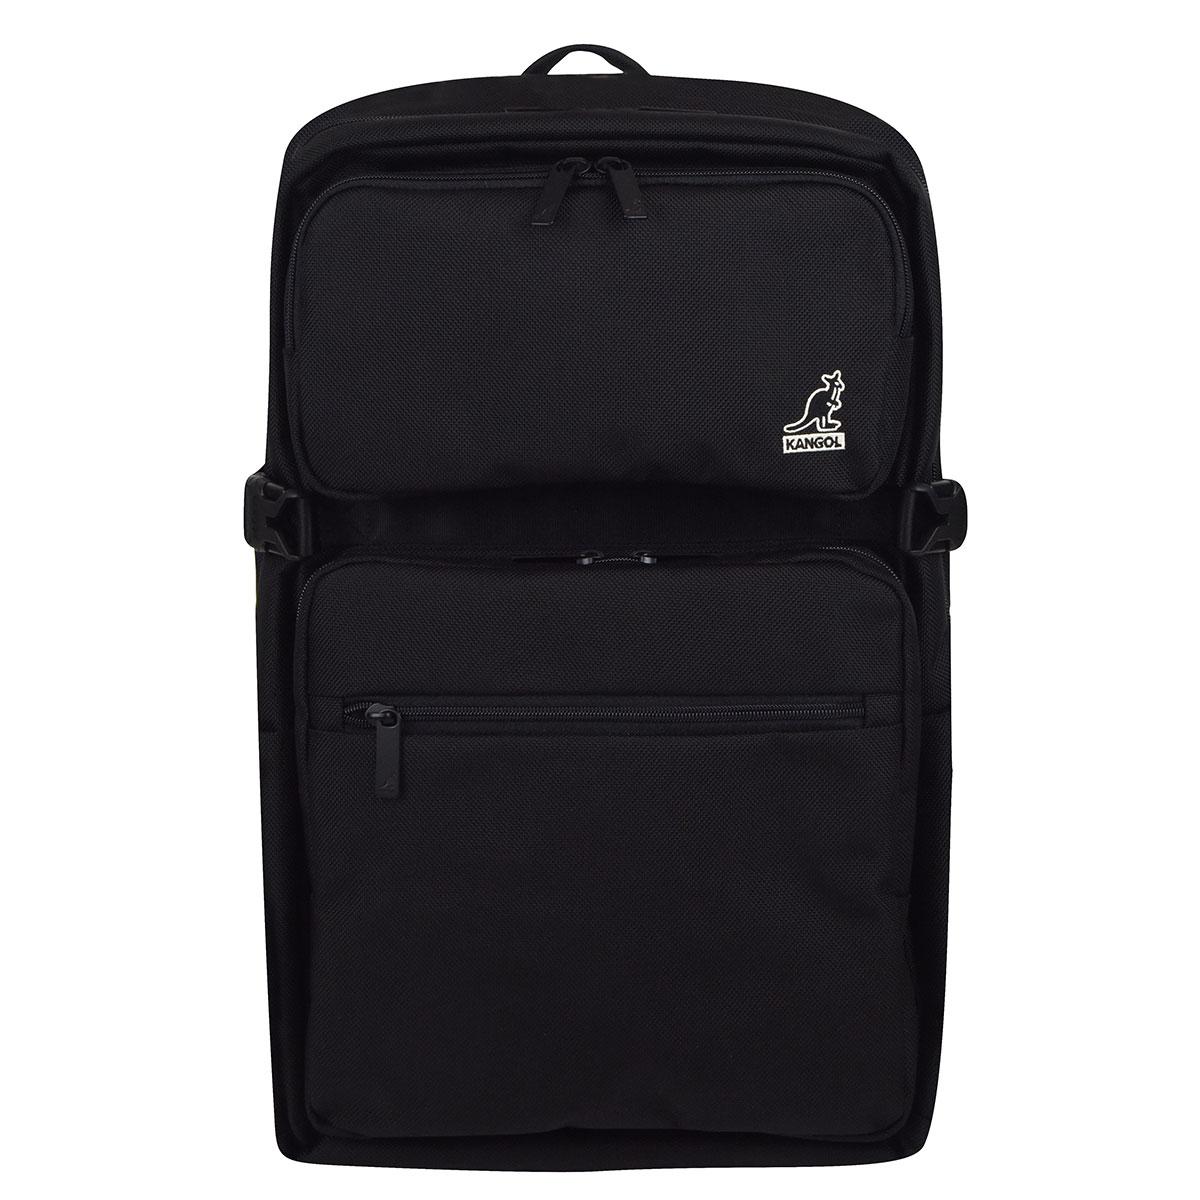 Kangol Tass Backpack in Black